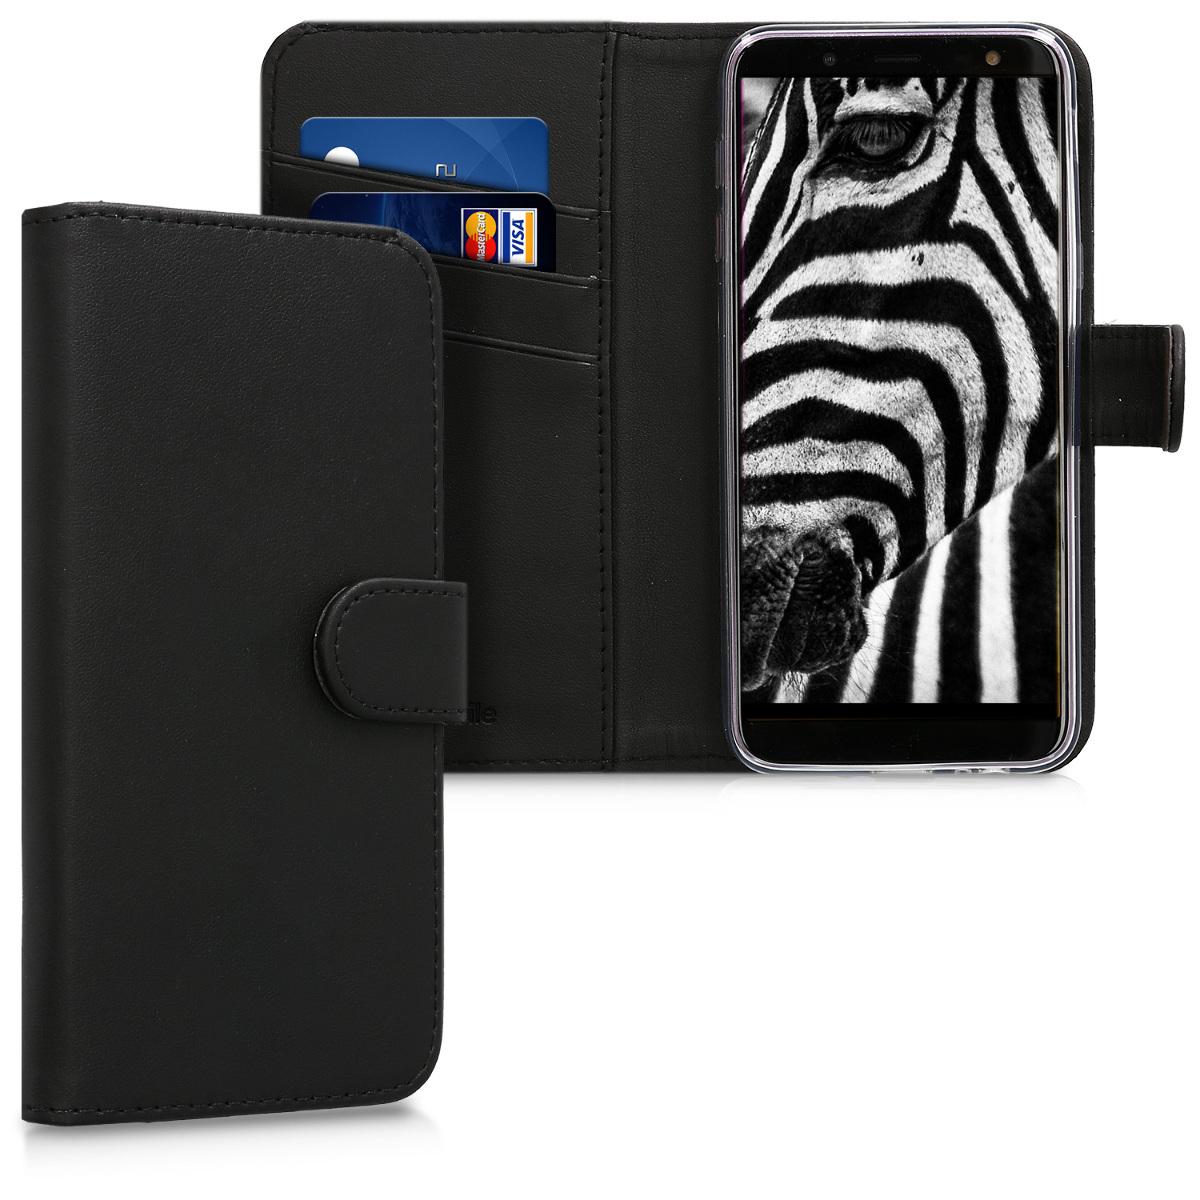 KW Θήκη Πορτοφόλι  Samsung Galaxy J6 - Συνθετικό δέρμα - Black (45798.01)